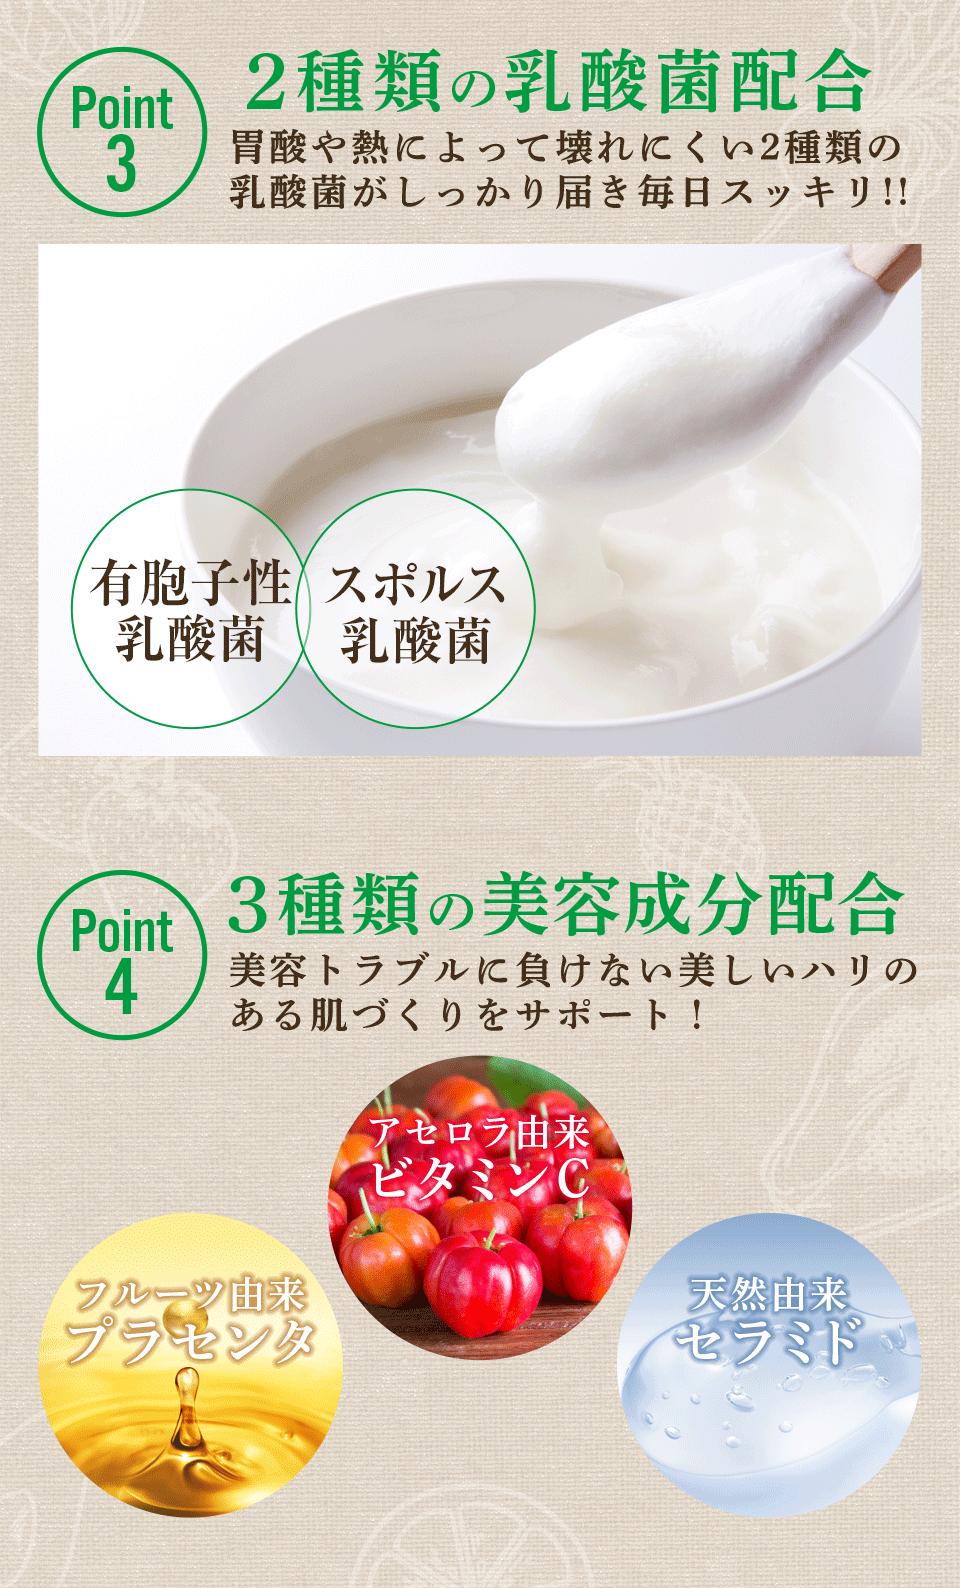 5つのこだわりでダイエットサポート 【Point3:2種類の乳酸菌配合】【Point4:3種類の美容成分配合】